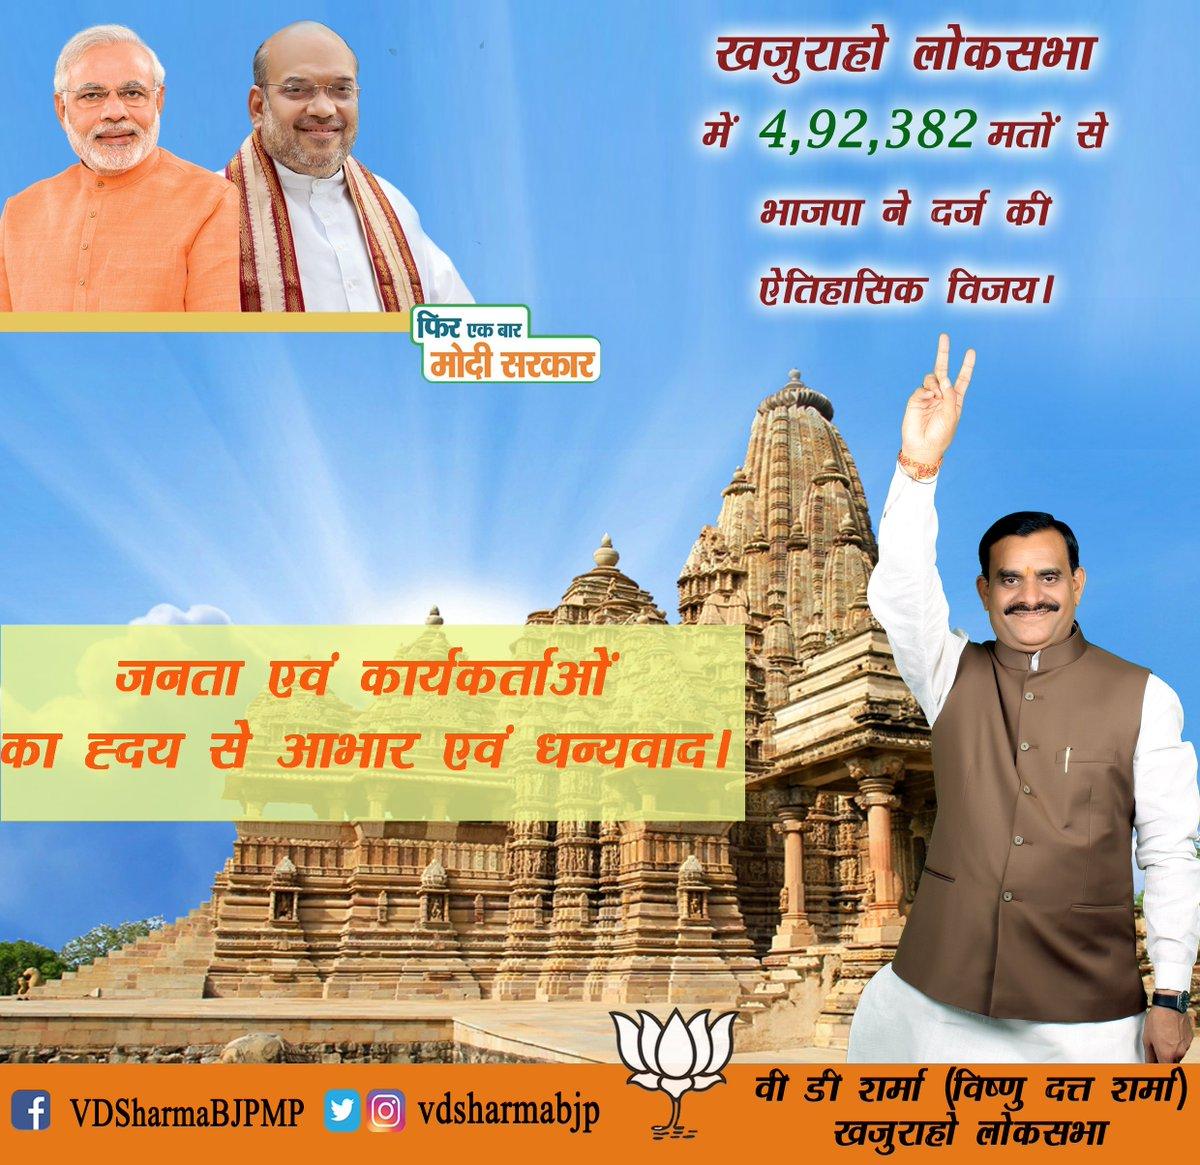 खजुराहो लोकसभा में 4,92,382 मतों से भाजपा ने दर्ज की ऐतिहासिक विजय। जनता एवं कार्यकर्ताओं का हृदय से आभार एवं धन्यवाद। #VijayiBharat  @narendramodi @AmitShah @BJP4India @BJP4MP